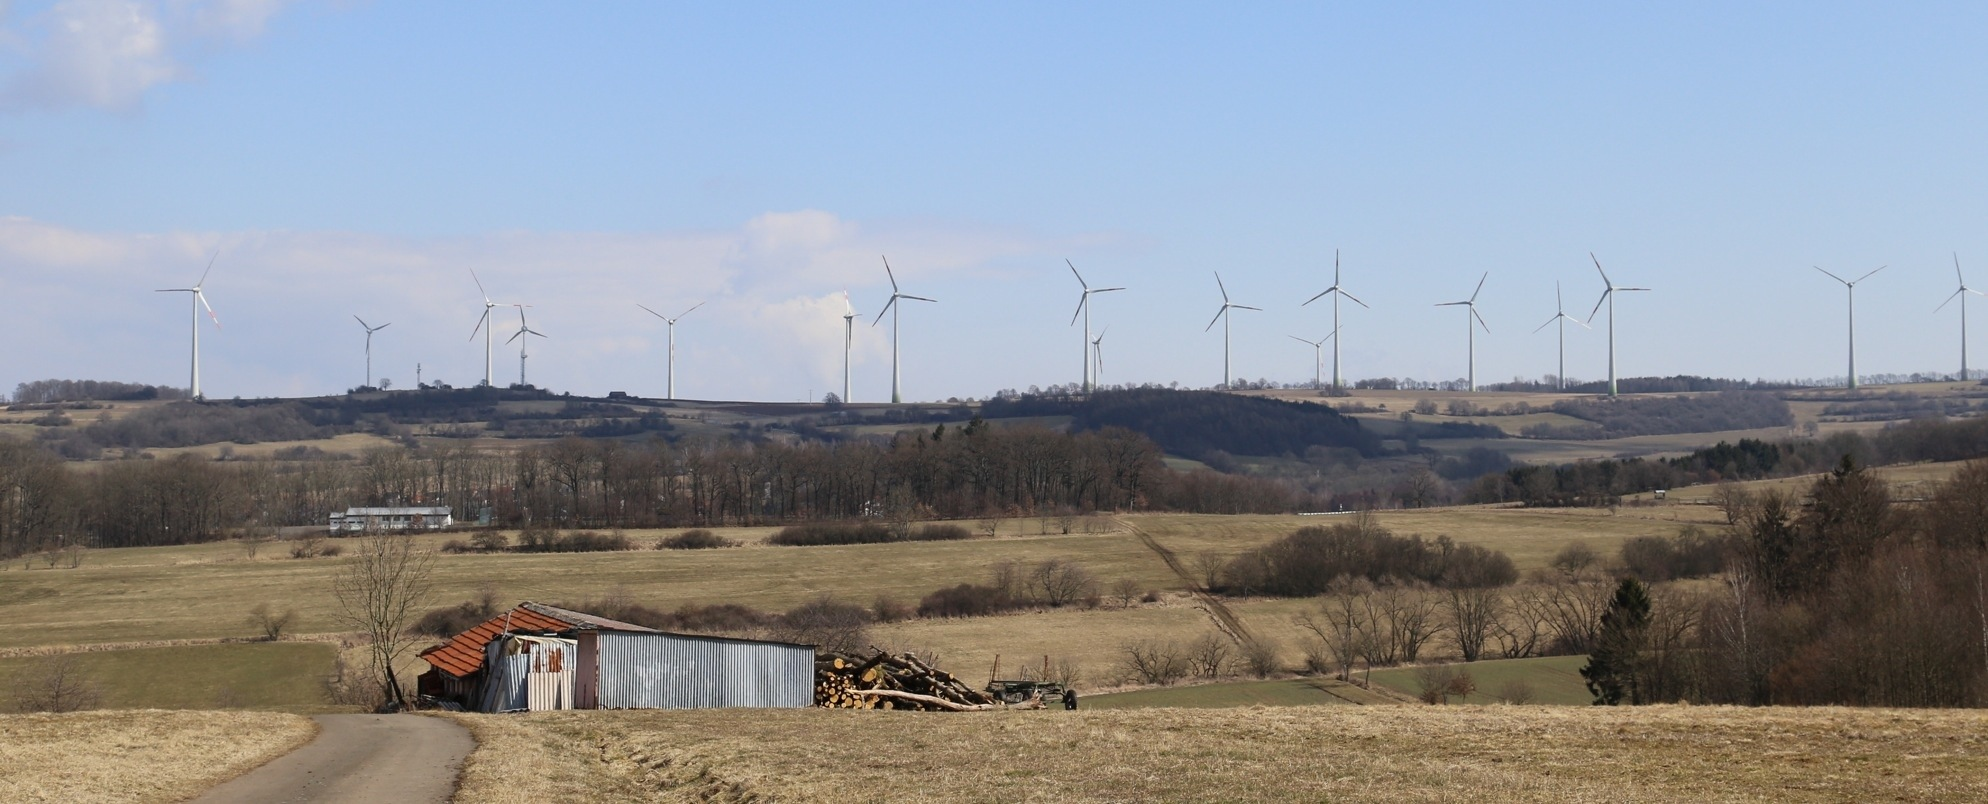 """Der von der Renertec errichtete """"Windpark"""" am Biehnes an der Grenze der drei Gemeinden Mücke, Feldatal und Ulrichstein ist für seine zu geringen Abstände zwischen den Windkraftanlagen bekannt. Dies führt zu Eintragseinbußen."""